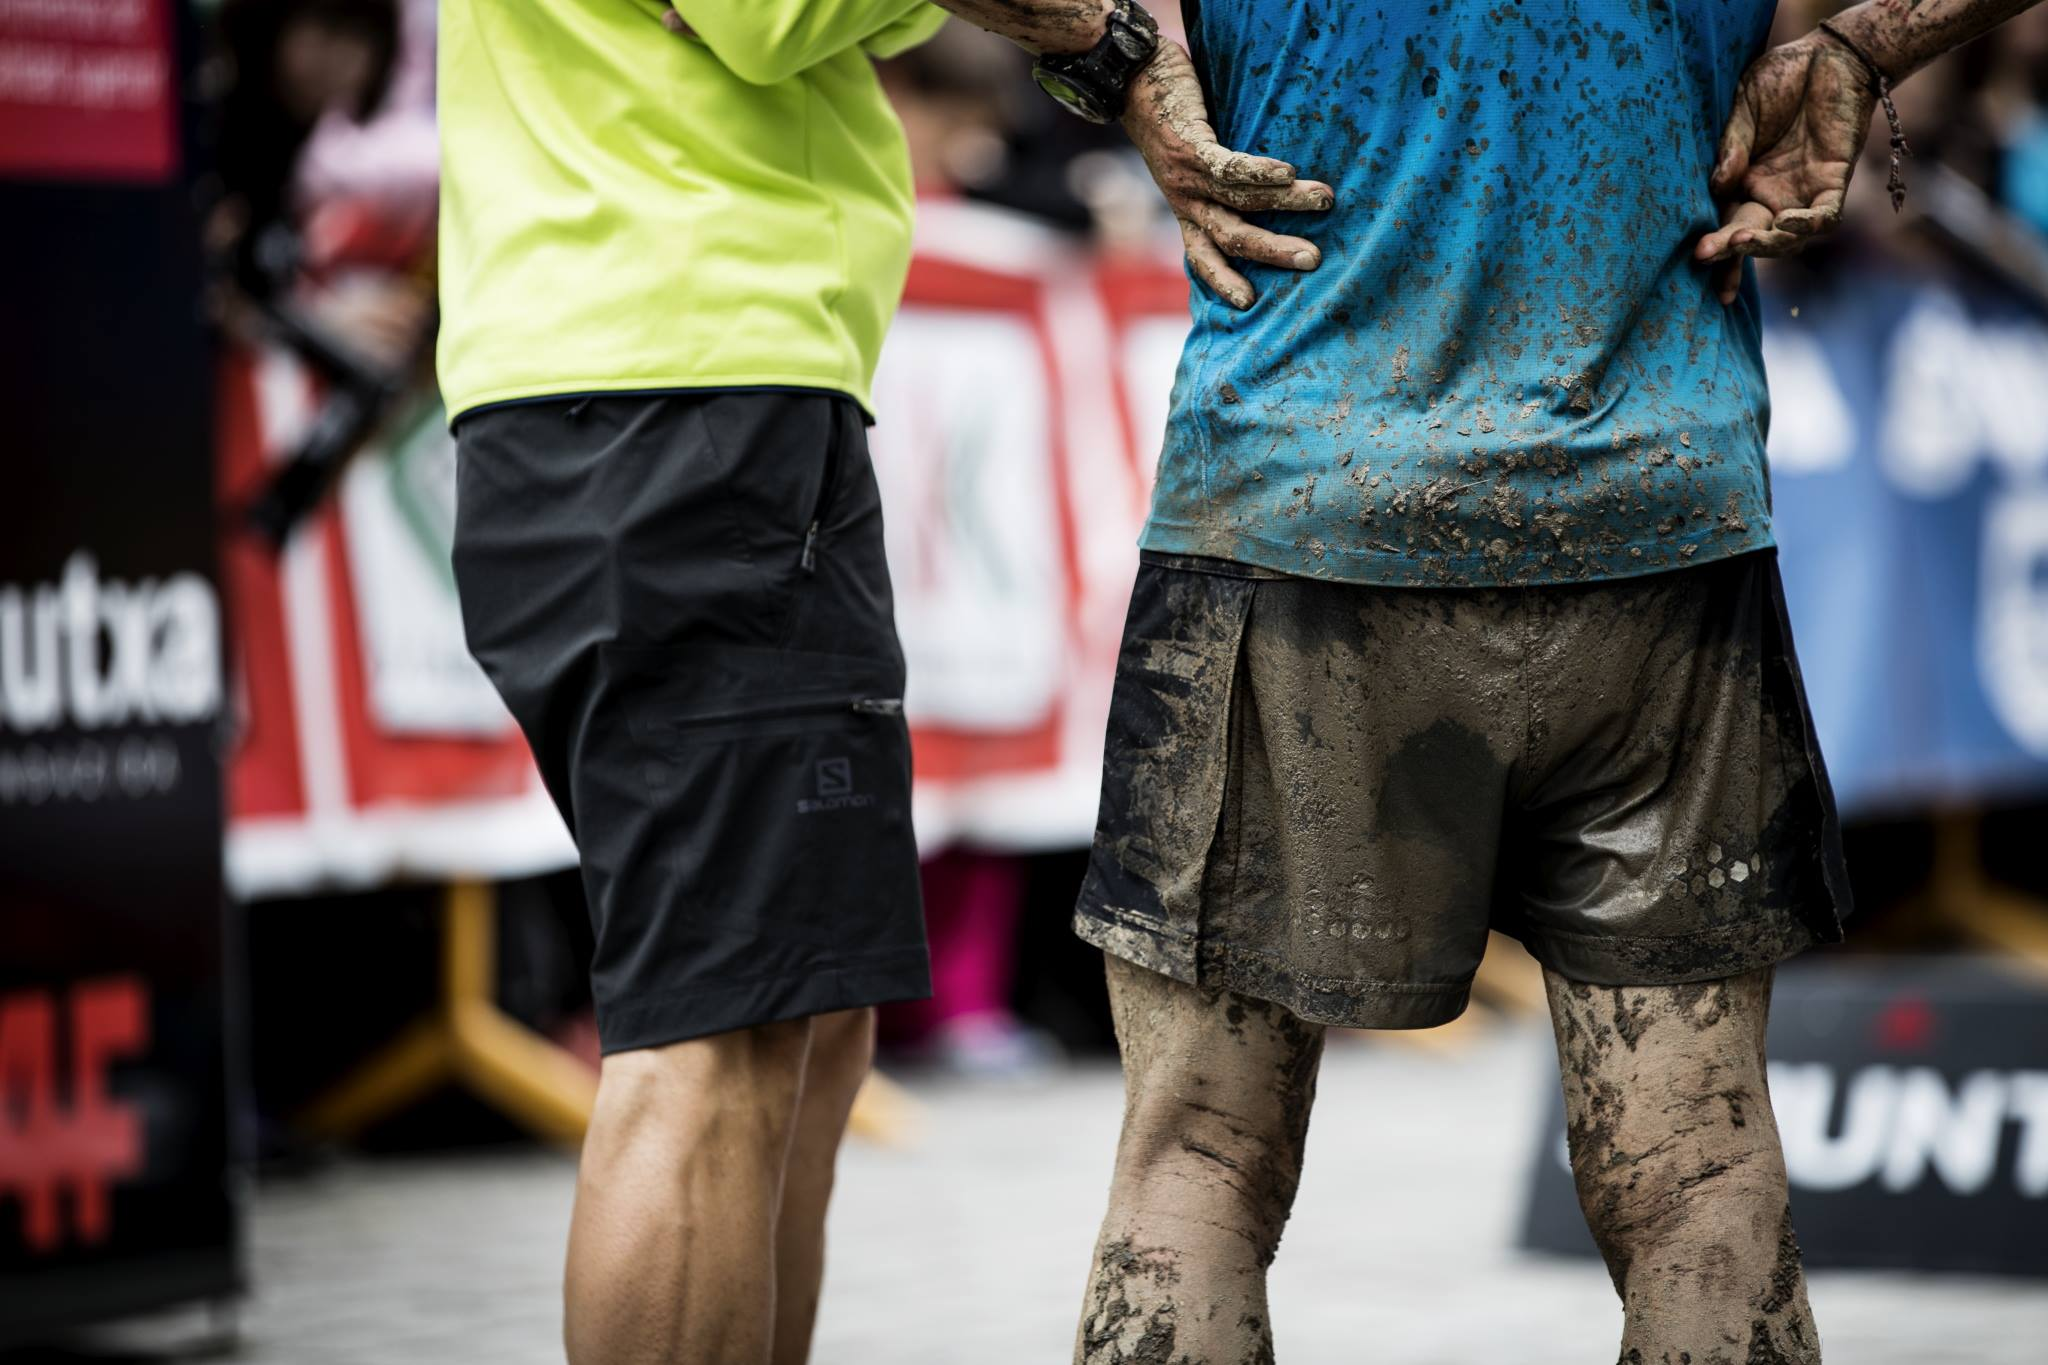 脚に付いた泥はランナーへの勲章である ©Columbia Montrail